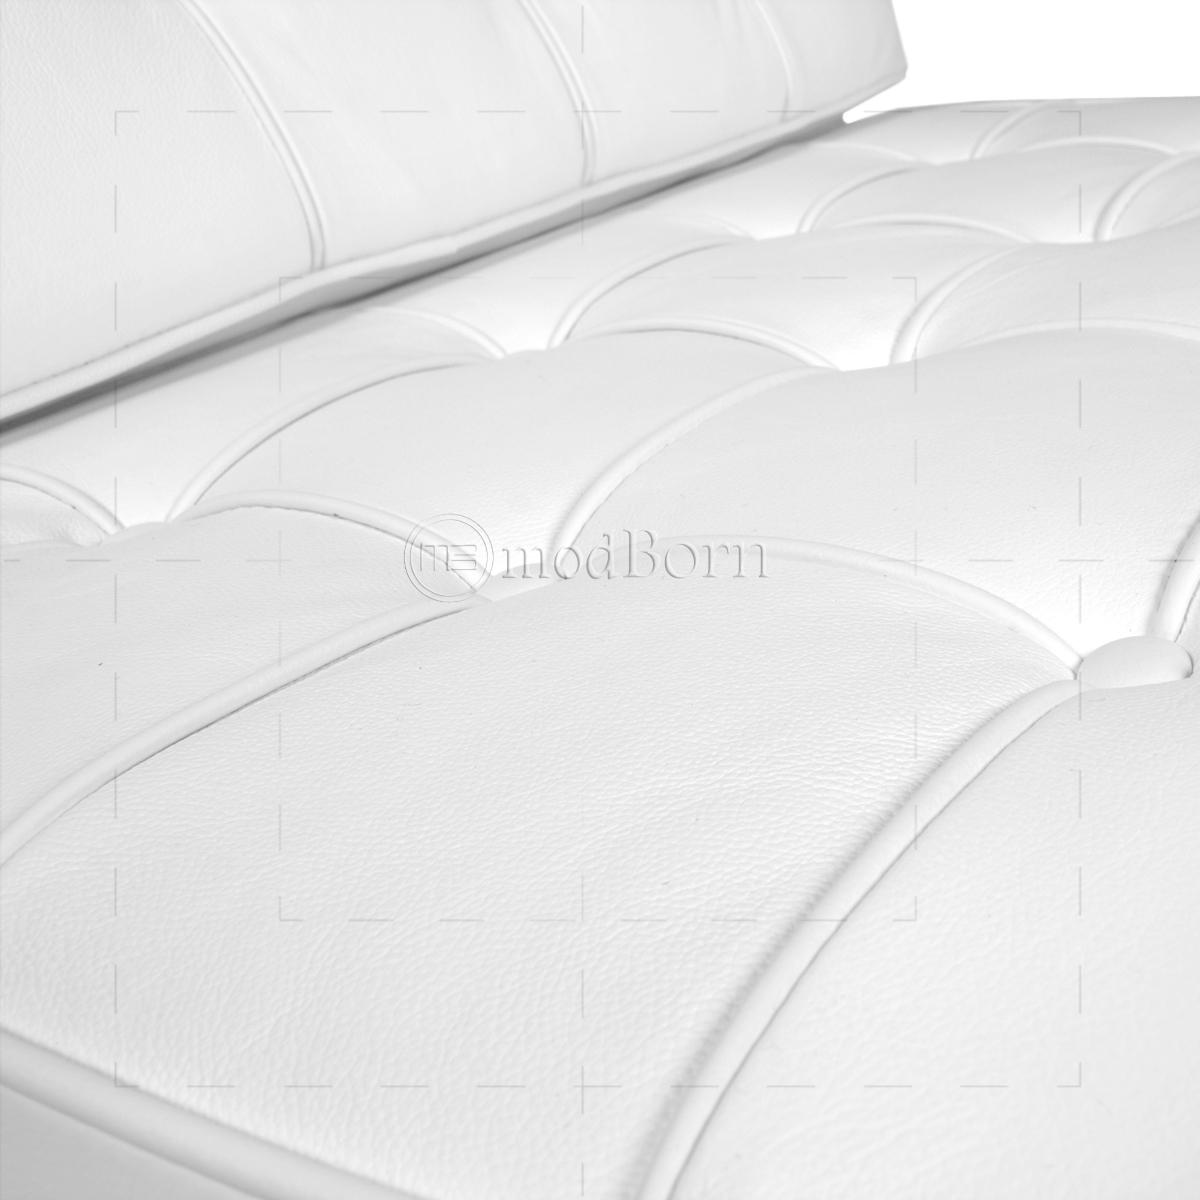 Mies Van Der Rohe Chair White - Ludwig mies van der rohe barcelona style chair white leather